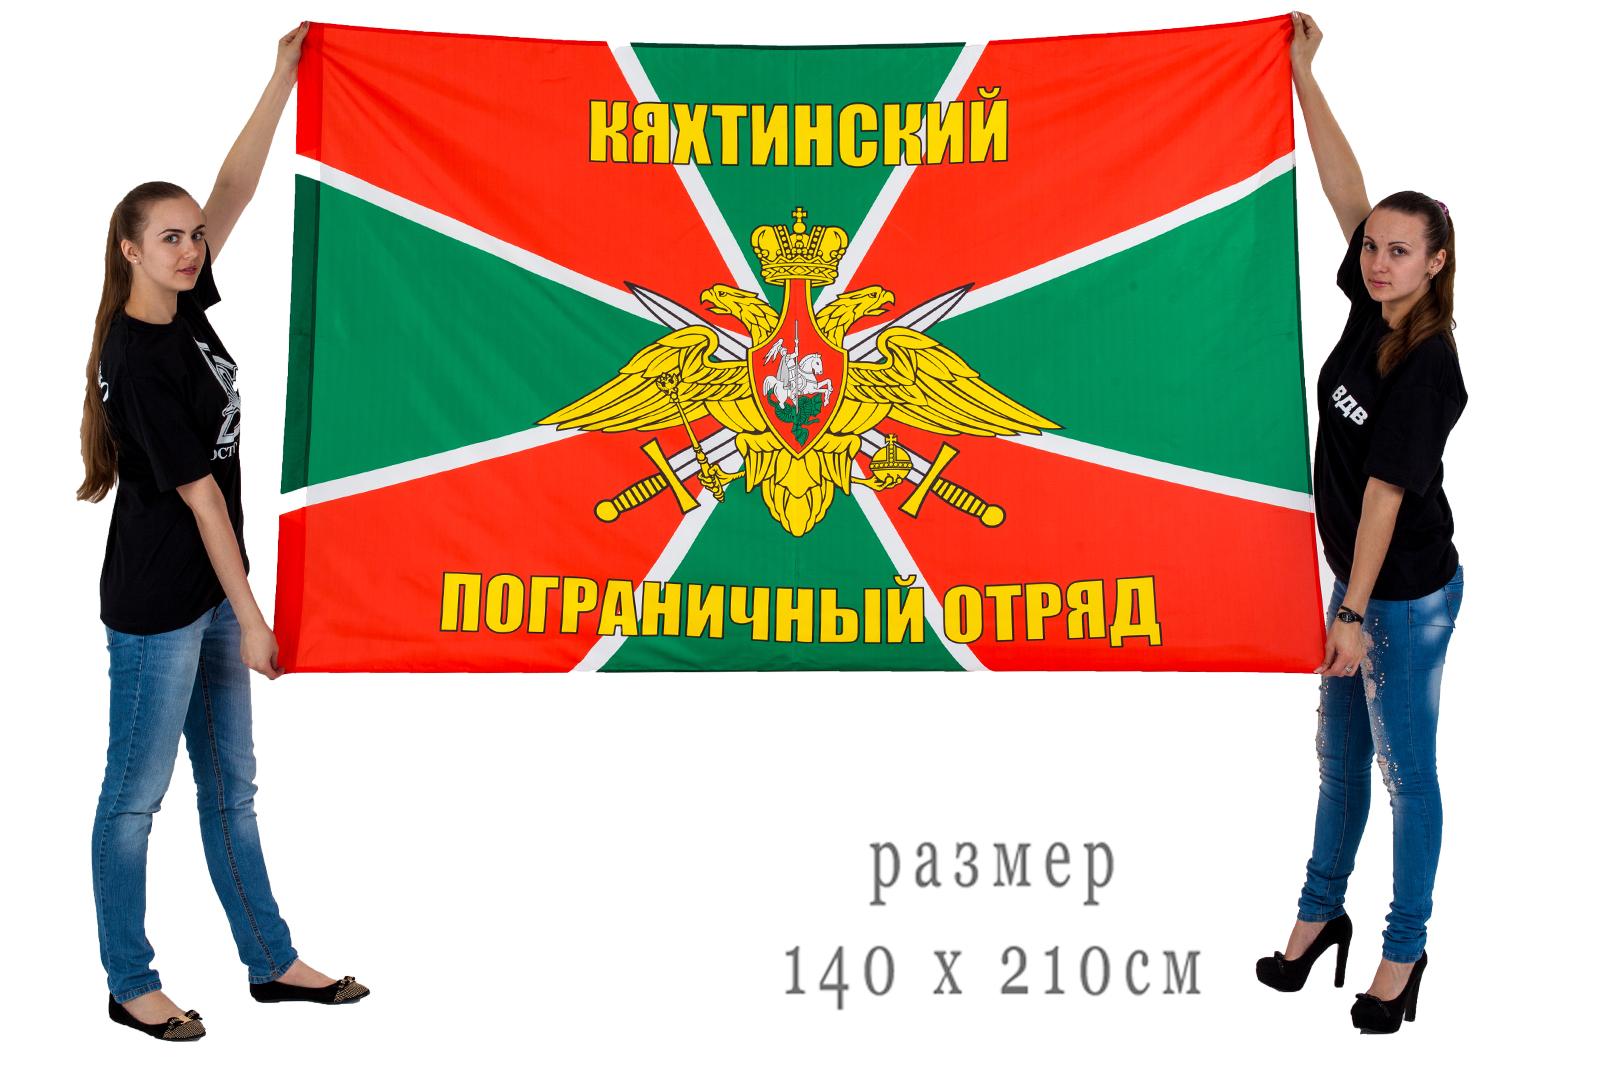 Купить большой флаг Кяхтинского погранотряда